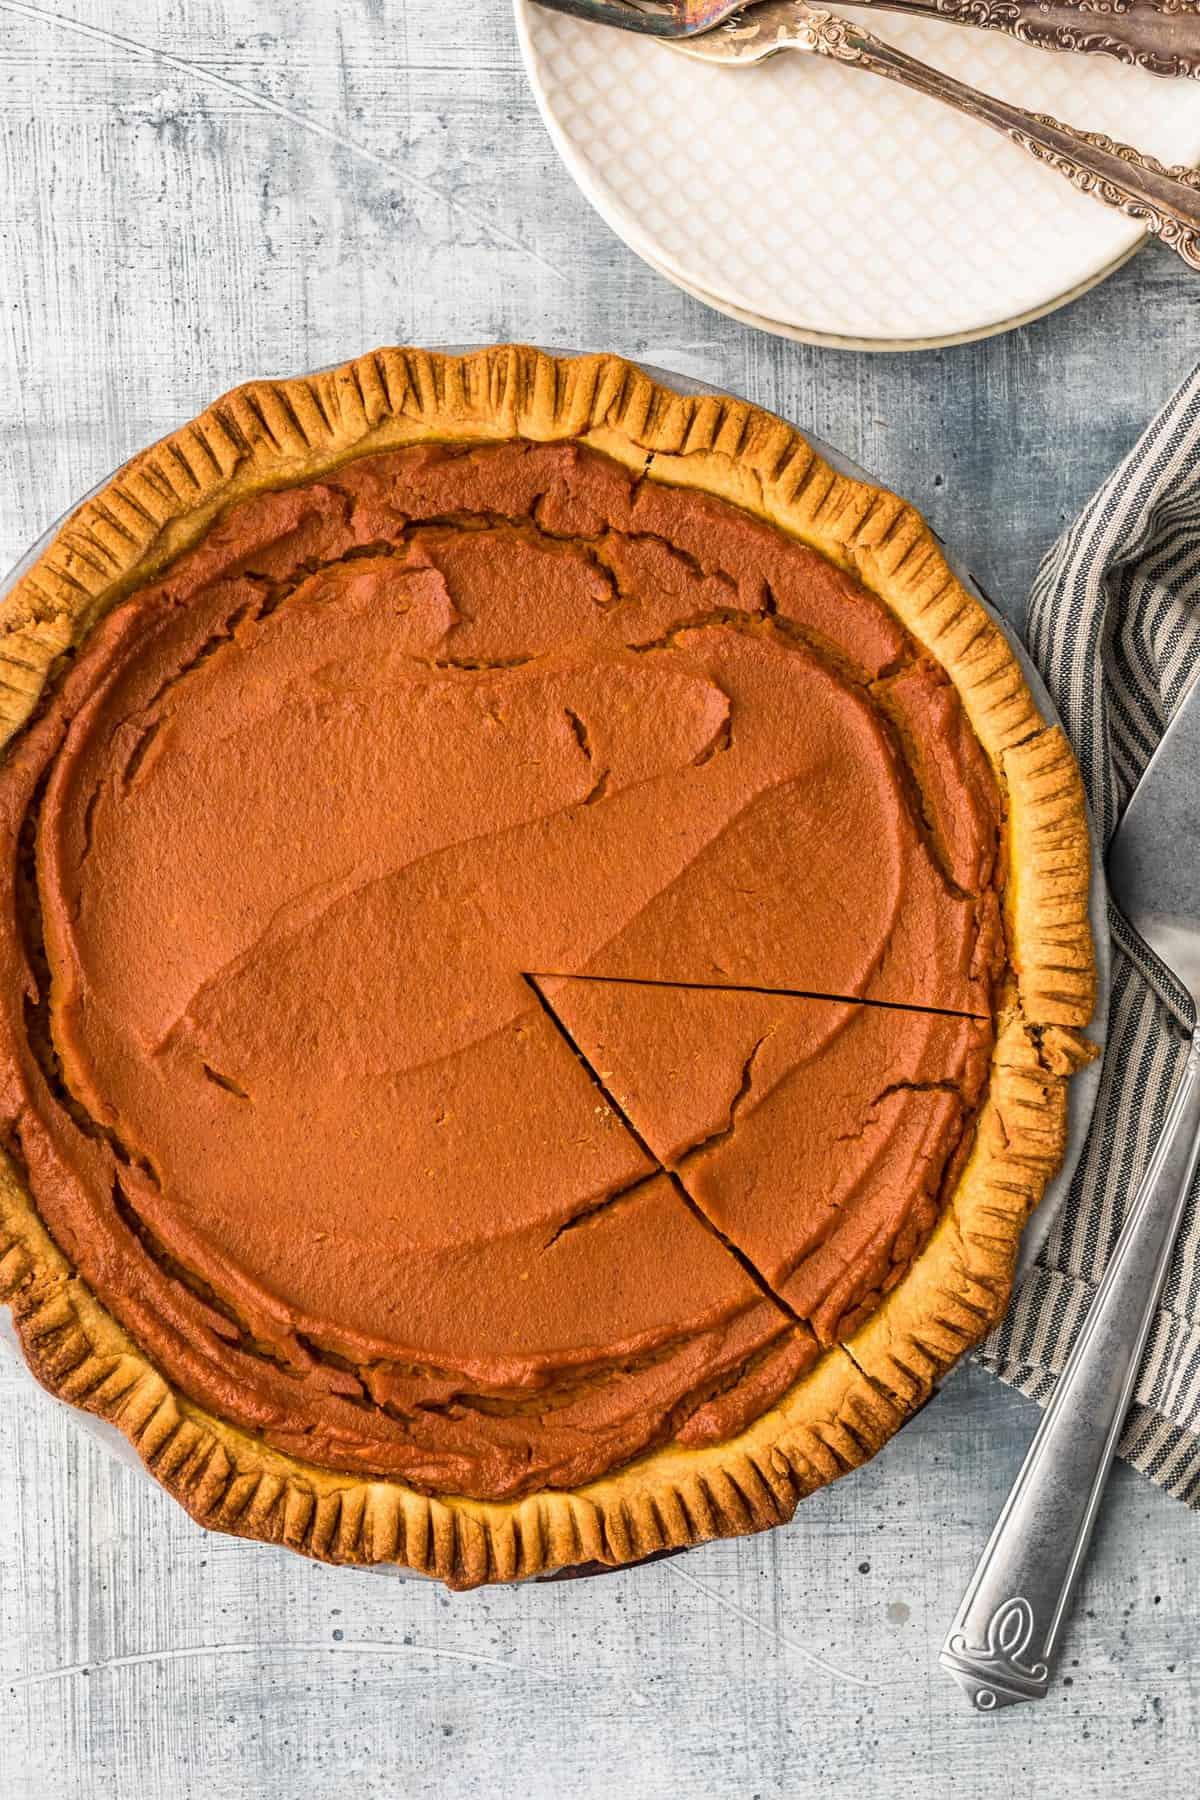 pumpkin pie with slice cut